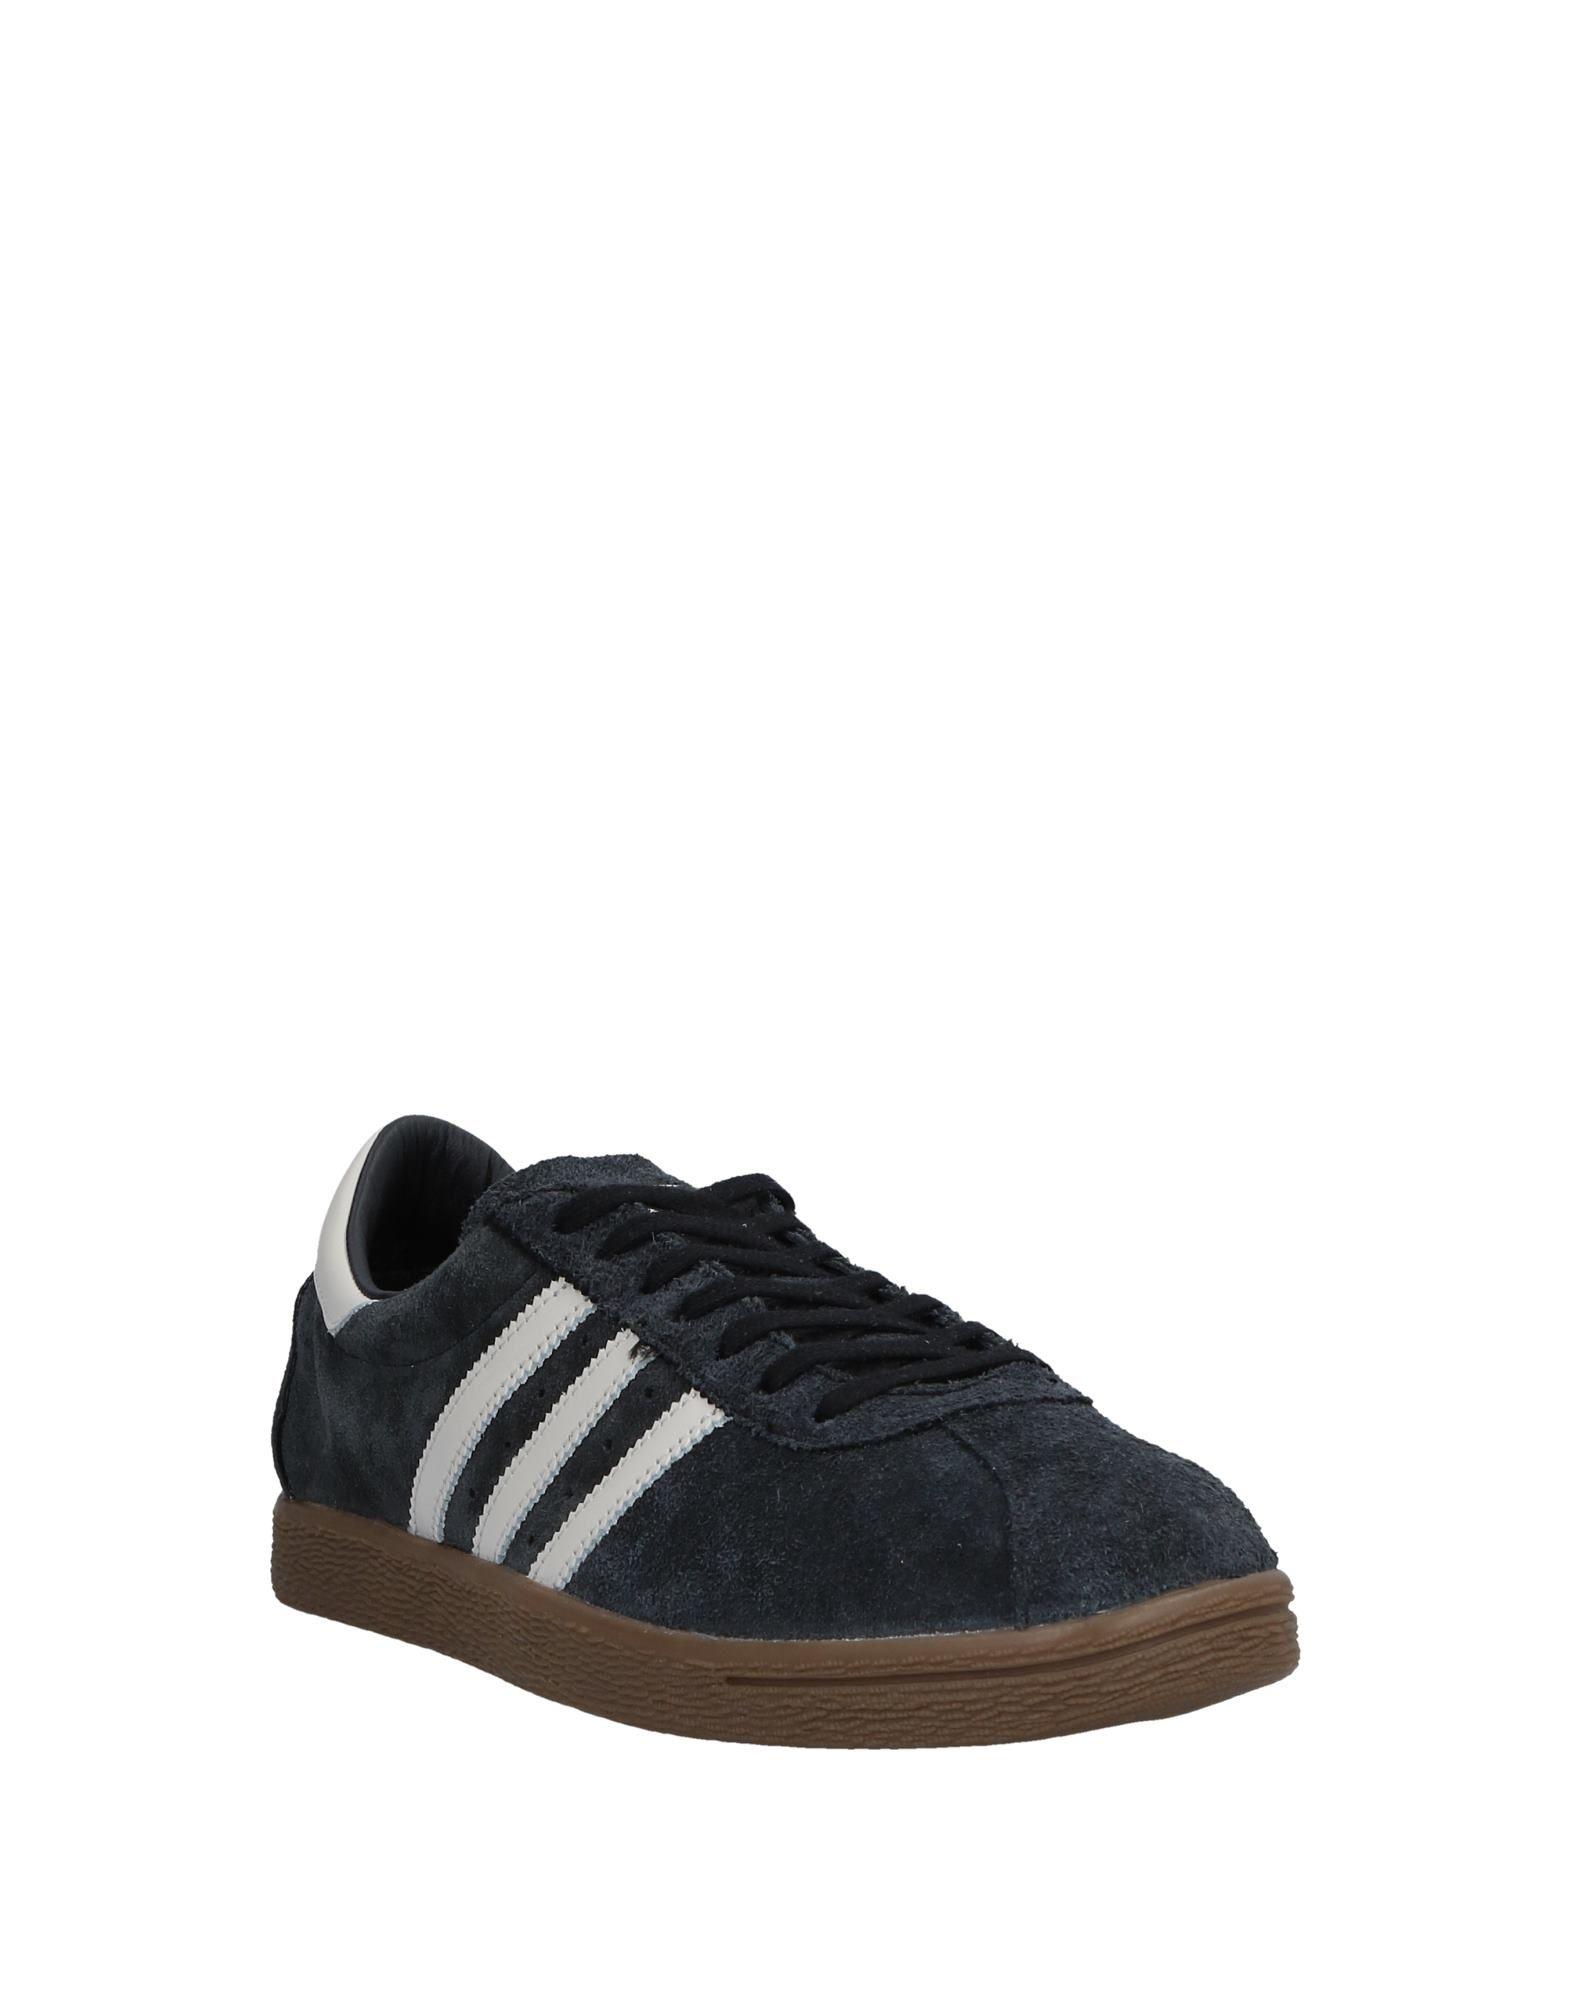 Rabatt echte Schuhe Adidas Adidas Adidas Originals Sneakers Herren  11539297SV a17a3c